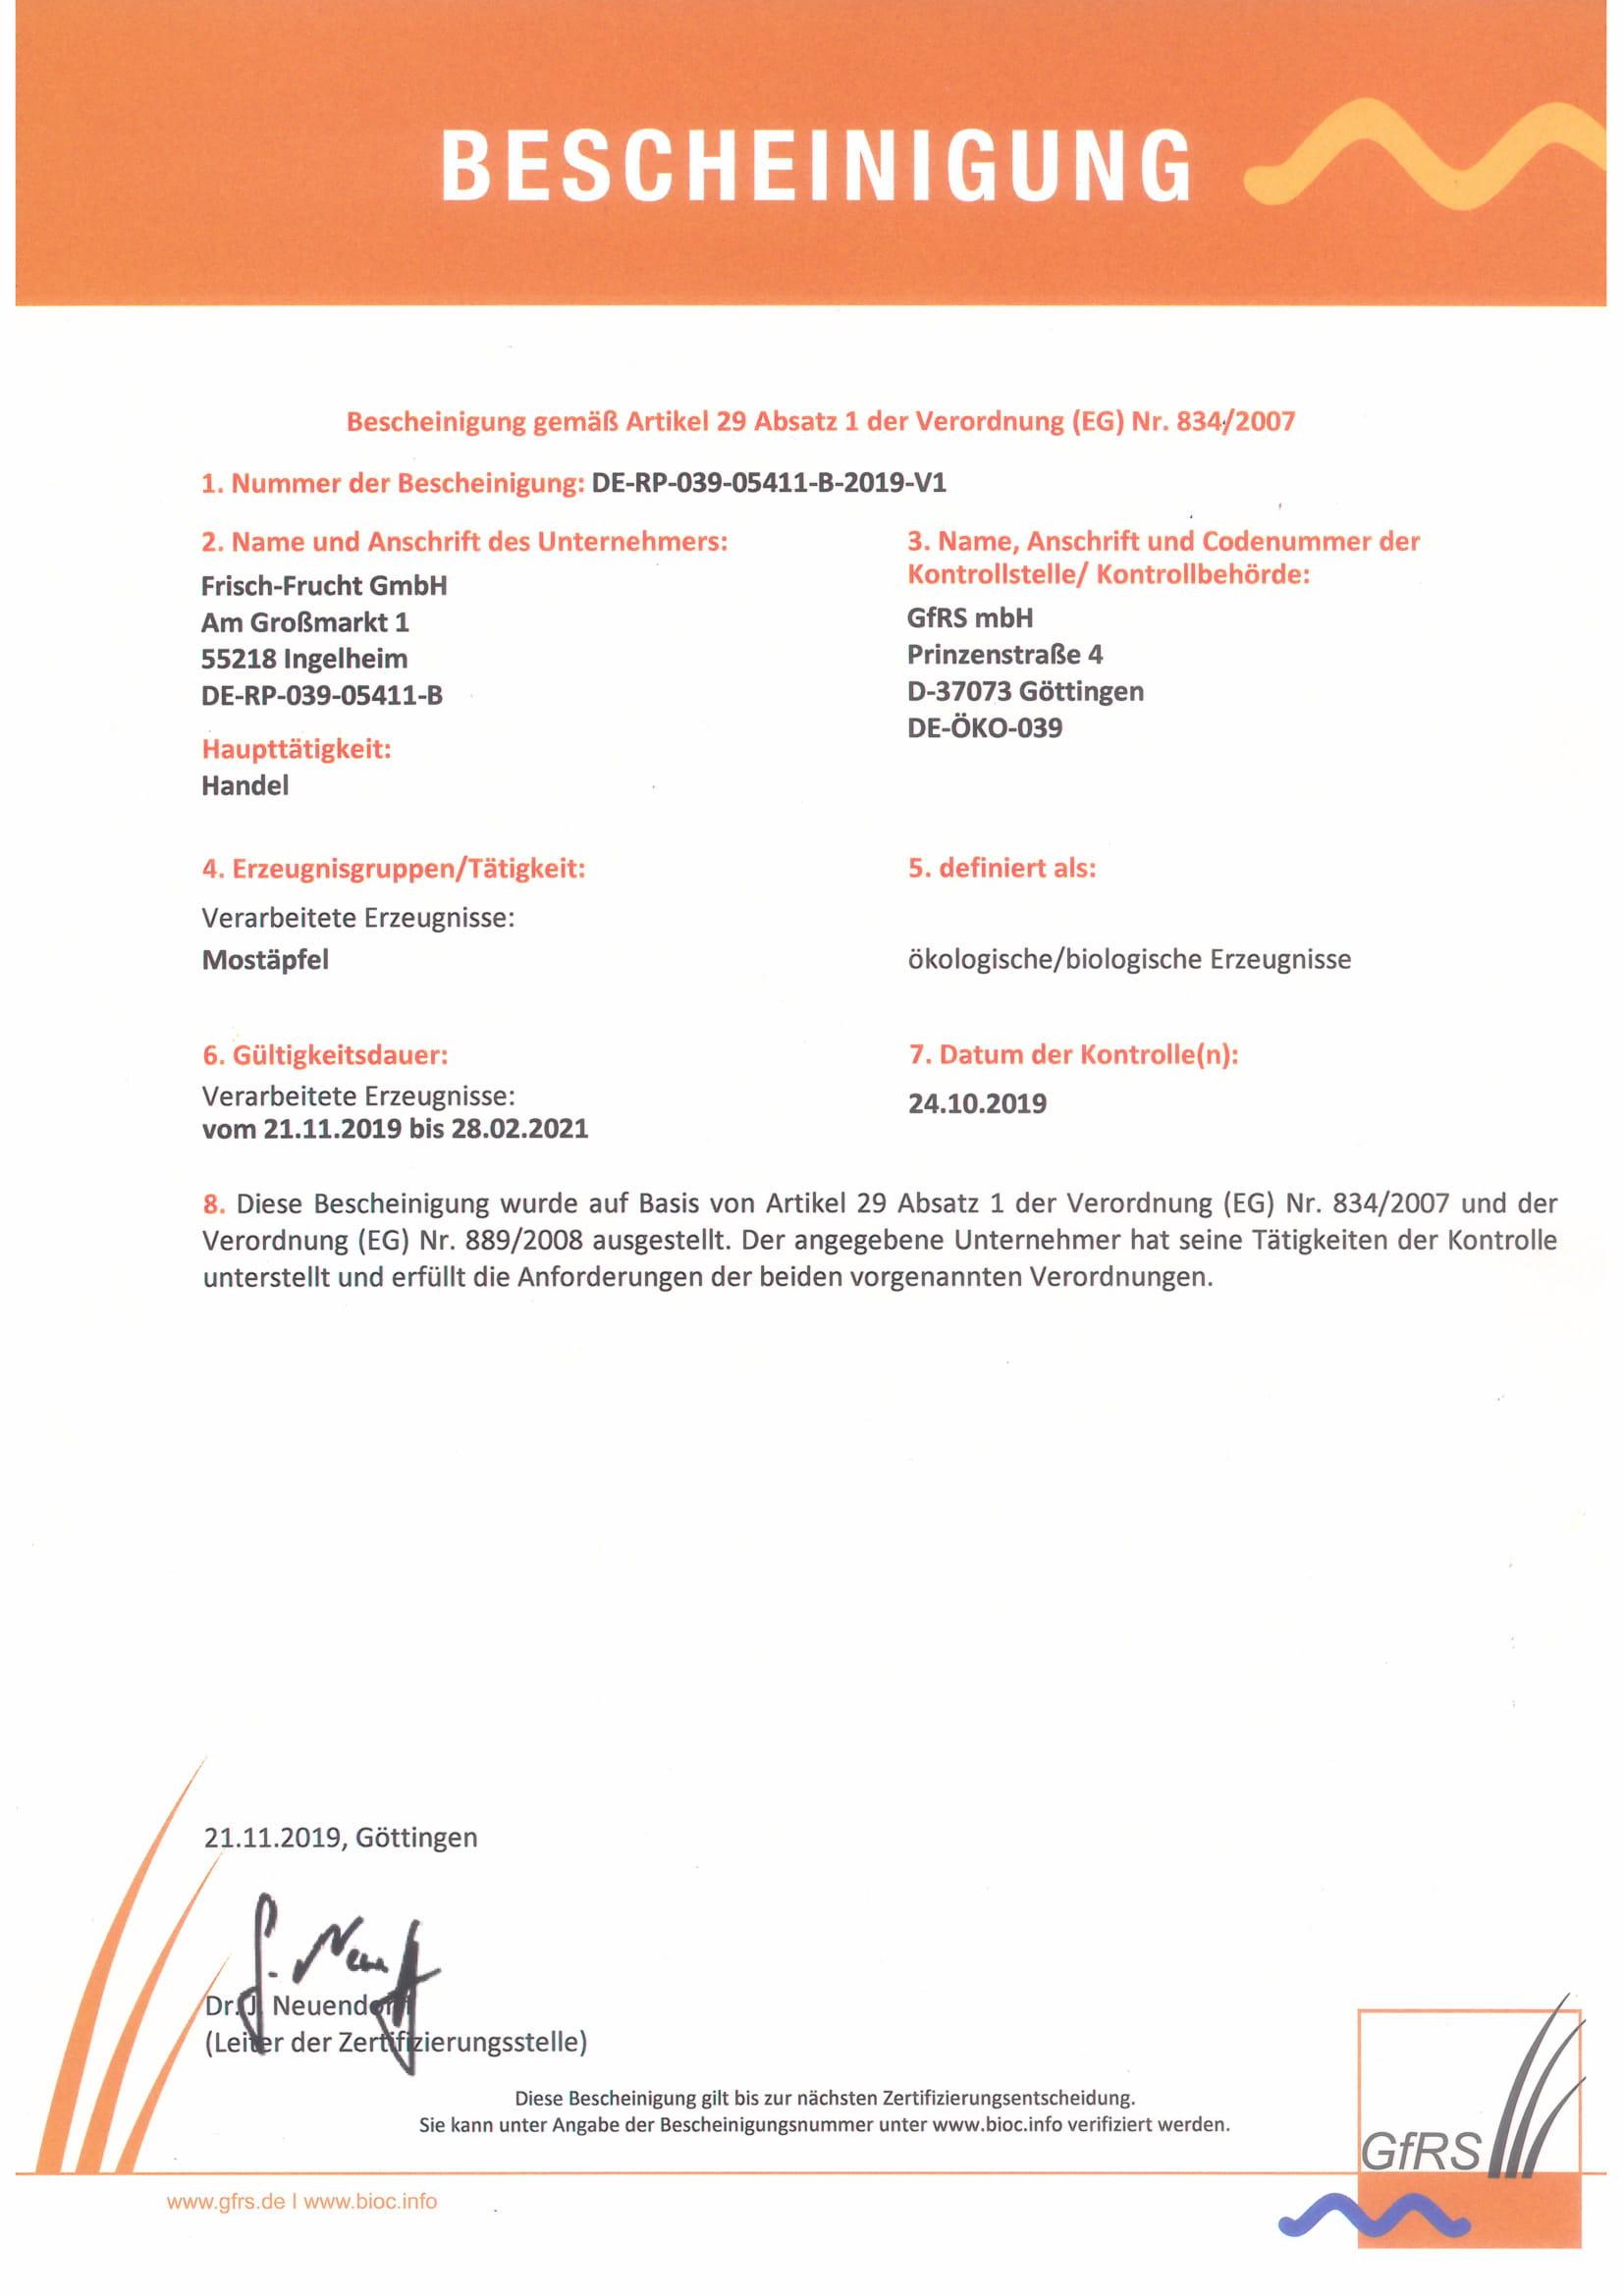 bio-bescheinigung-frisch-frucht-gmbh-bis-28-02-2021-1